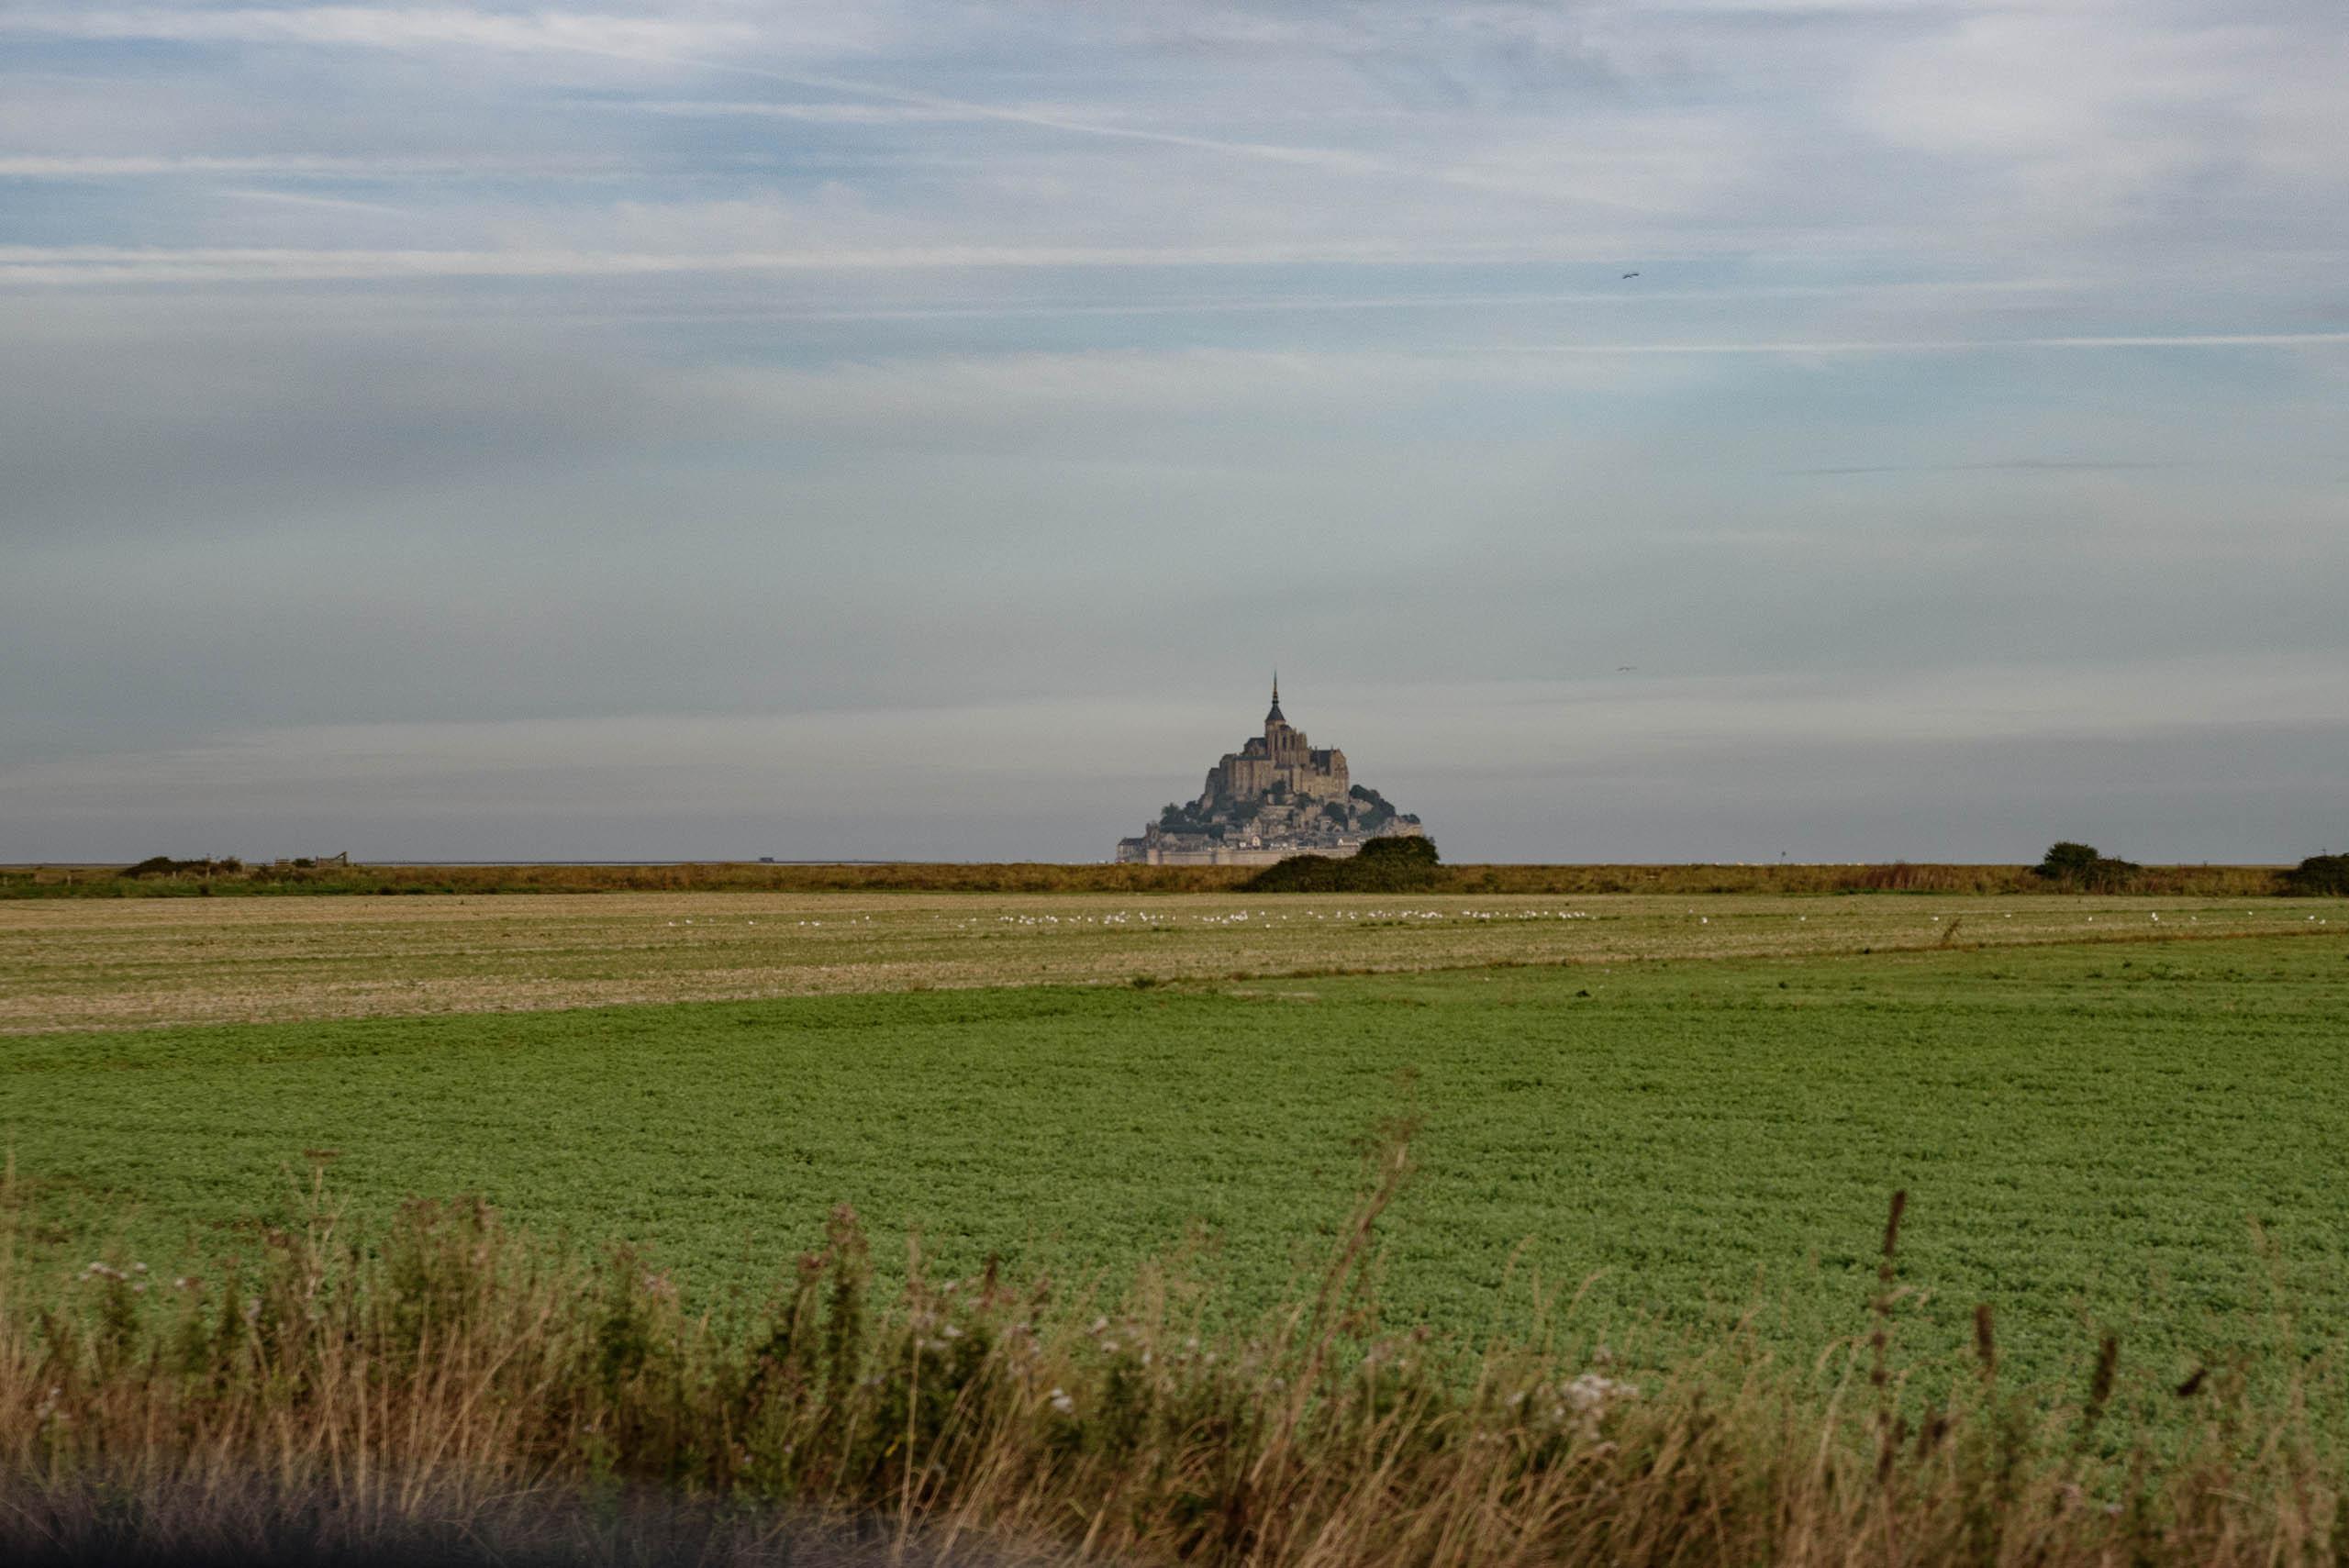 Mont Saint-Michel widoczny z oddali